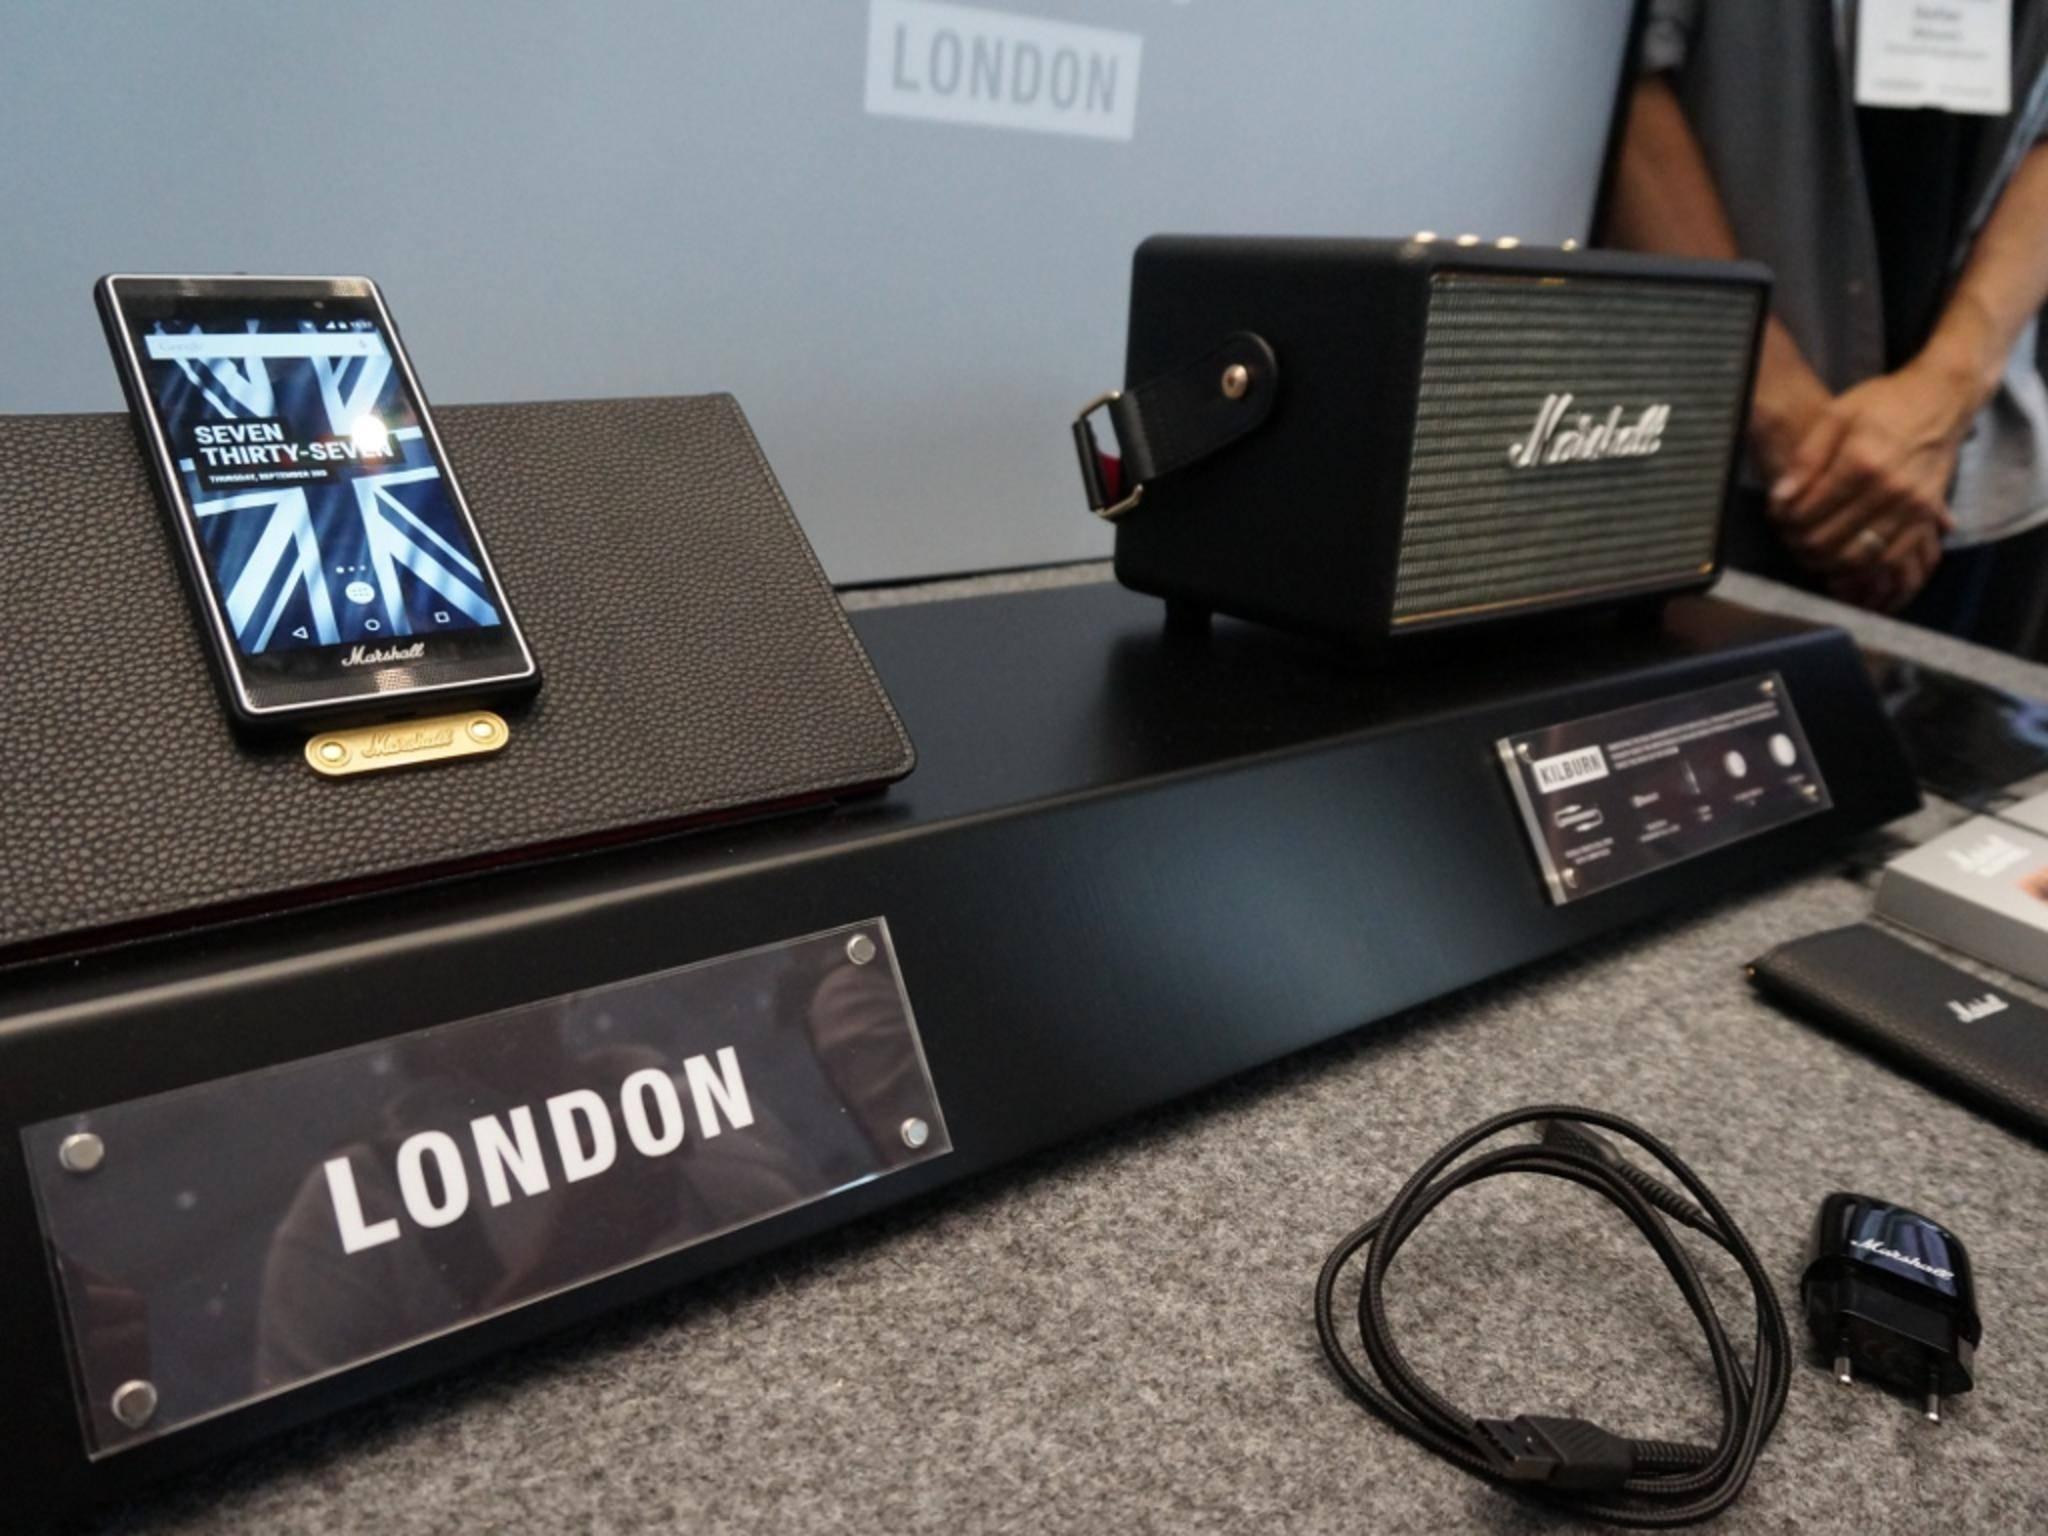 Ein interessanter Anblick ist auch das Marshall London-Smartphone.